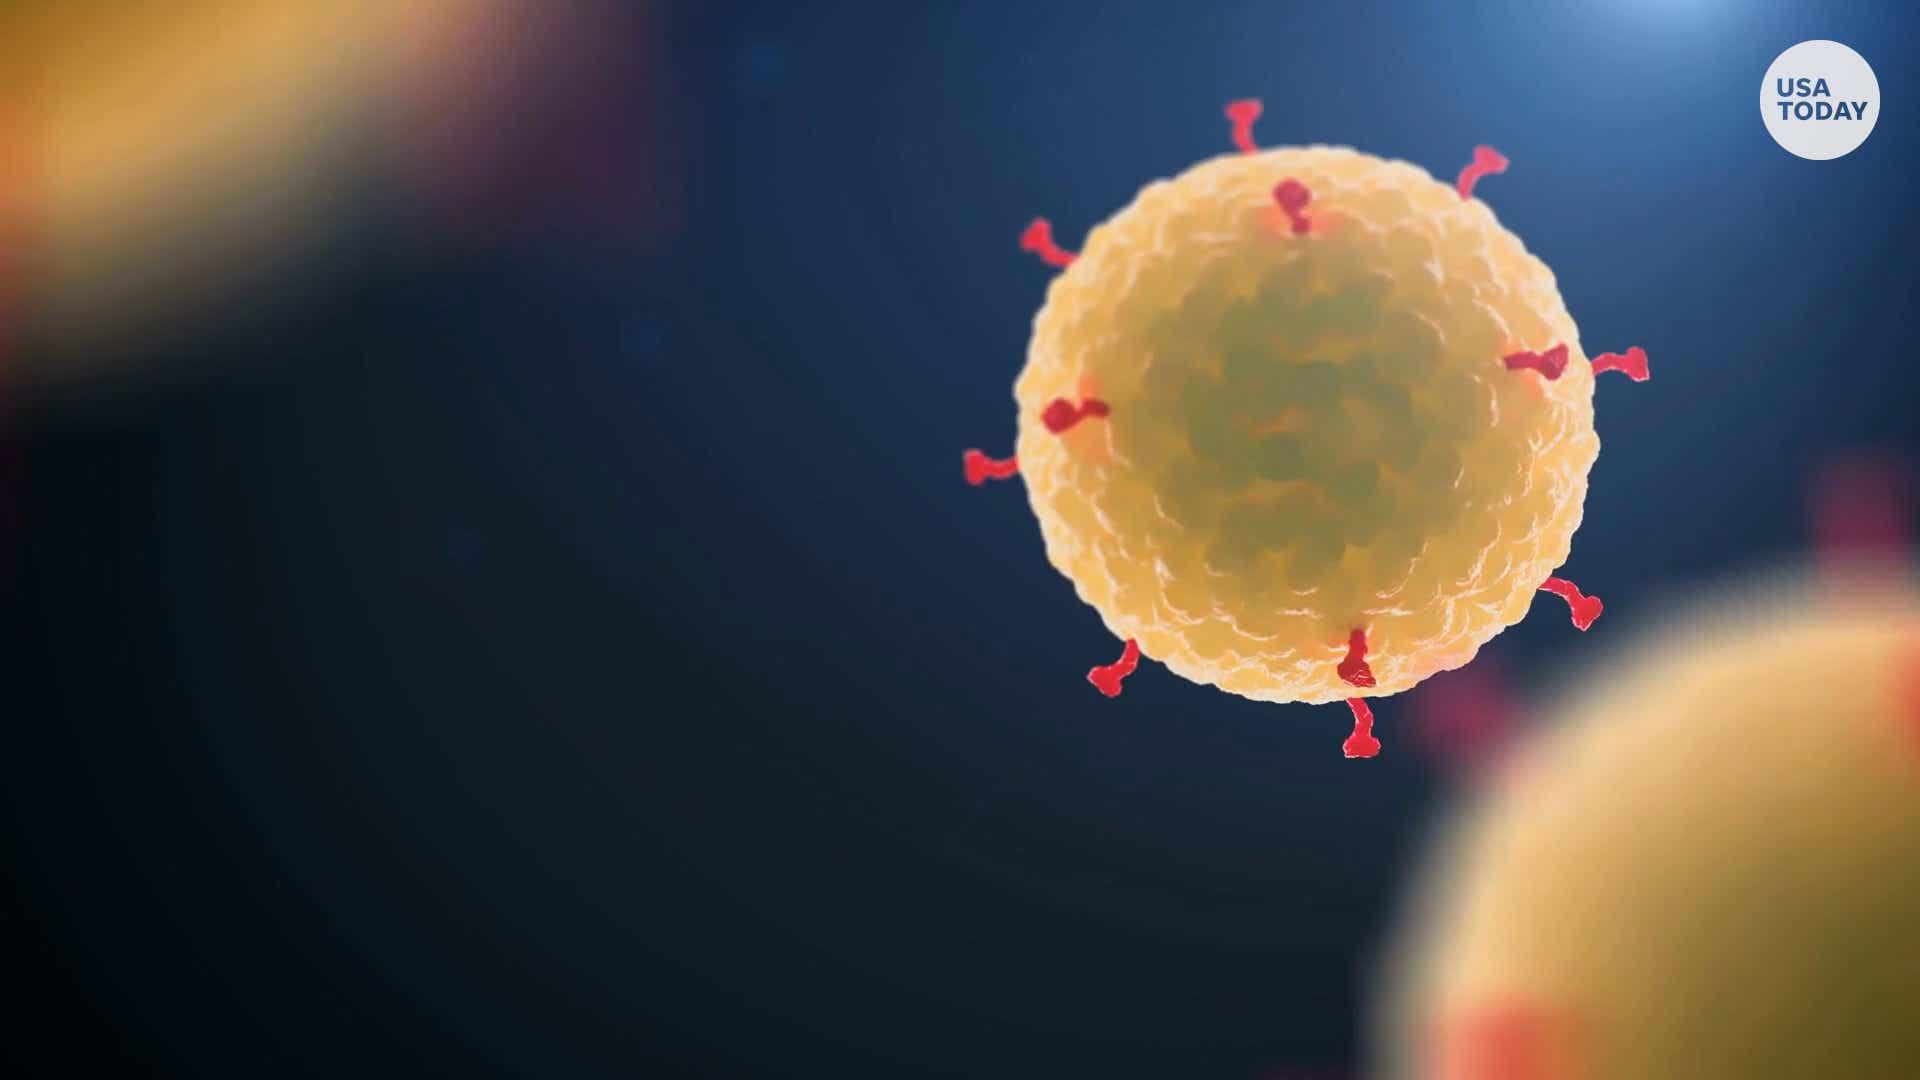 Penularan Virus Corona: Catat, Jarak Aman Bukan Lagi 1-2 Meter, Tapi 4,5 Meter, Ini Alasannya